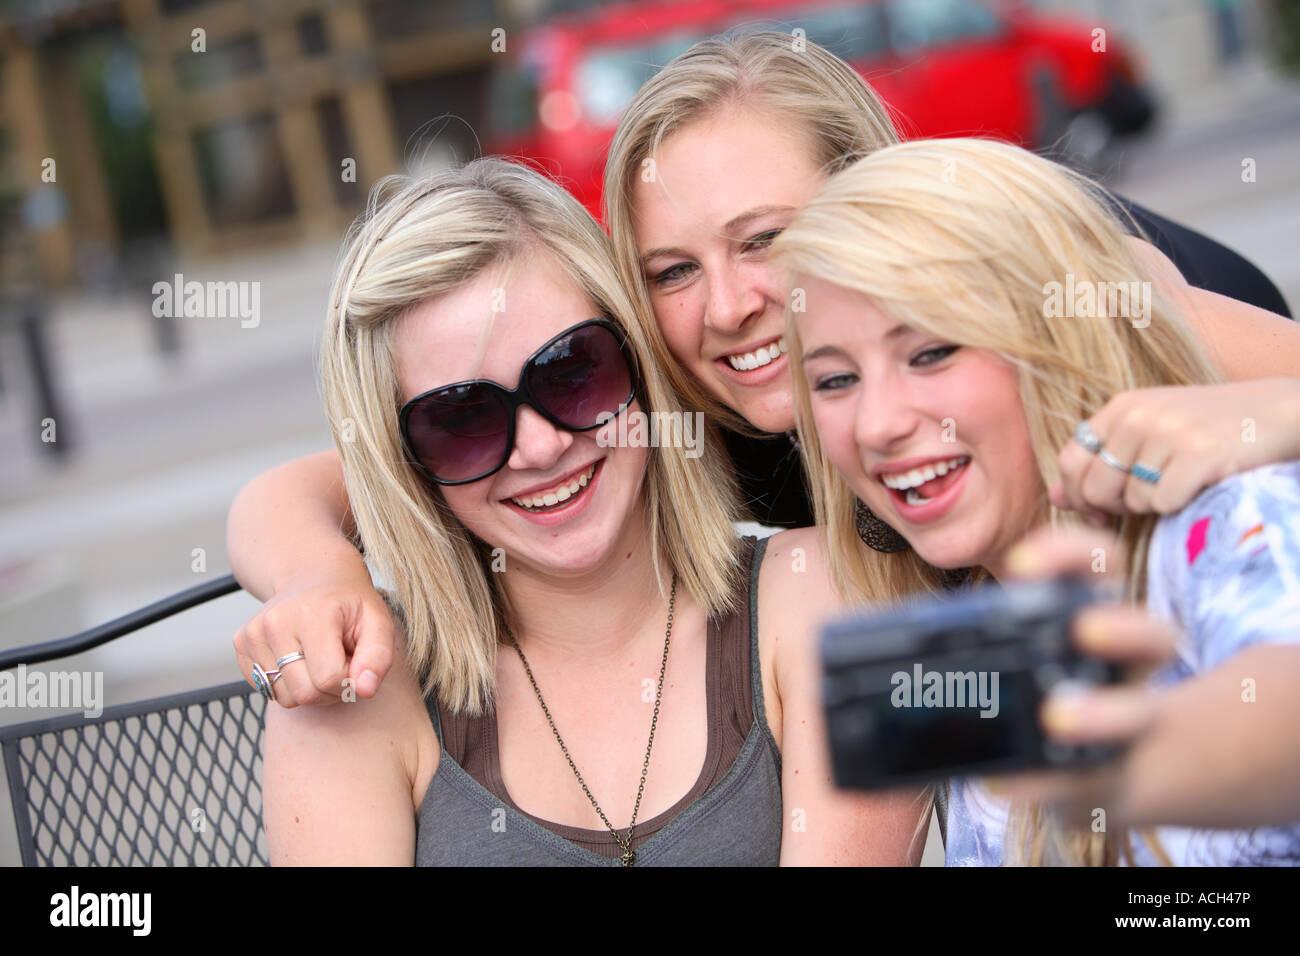 Tres niñas hablando una imagen juntos Imagen De Stock